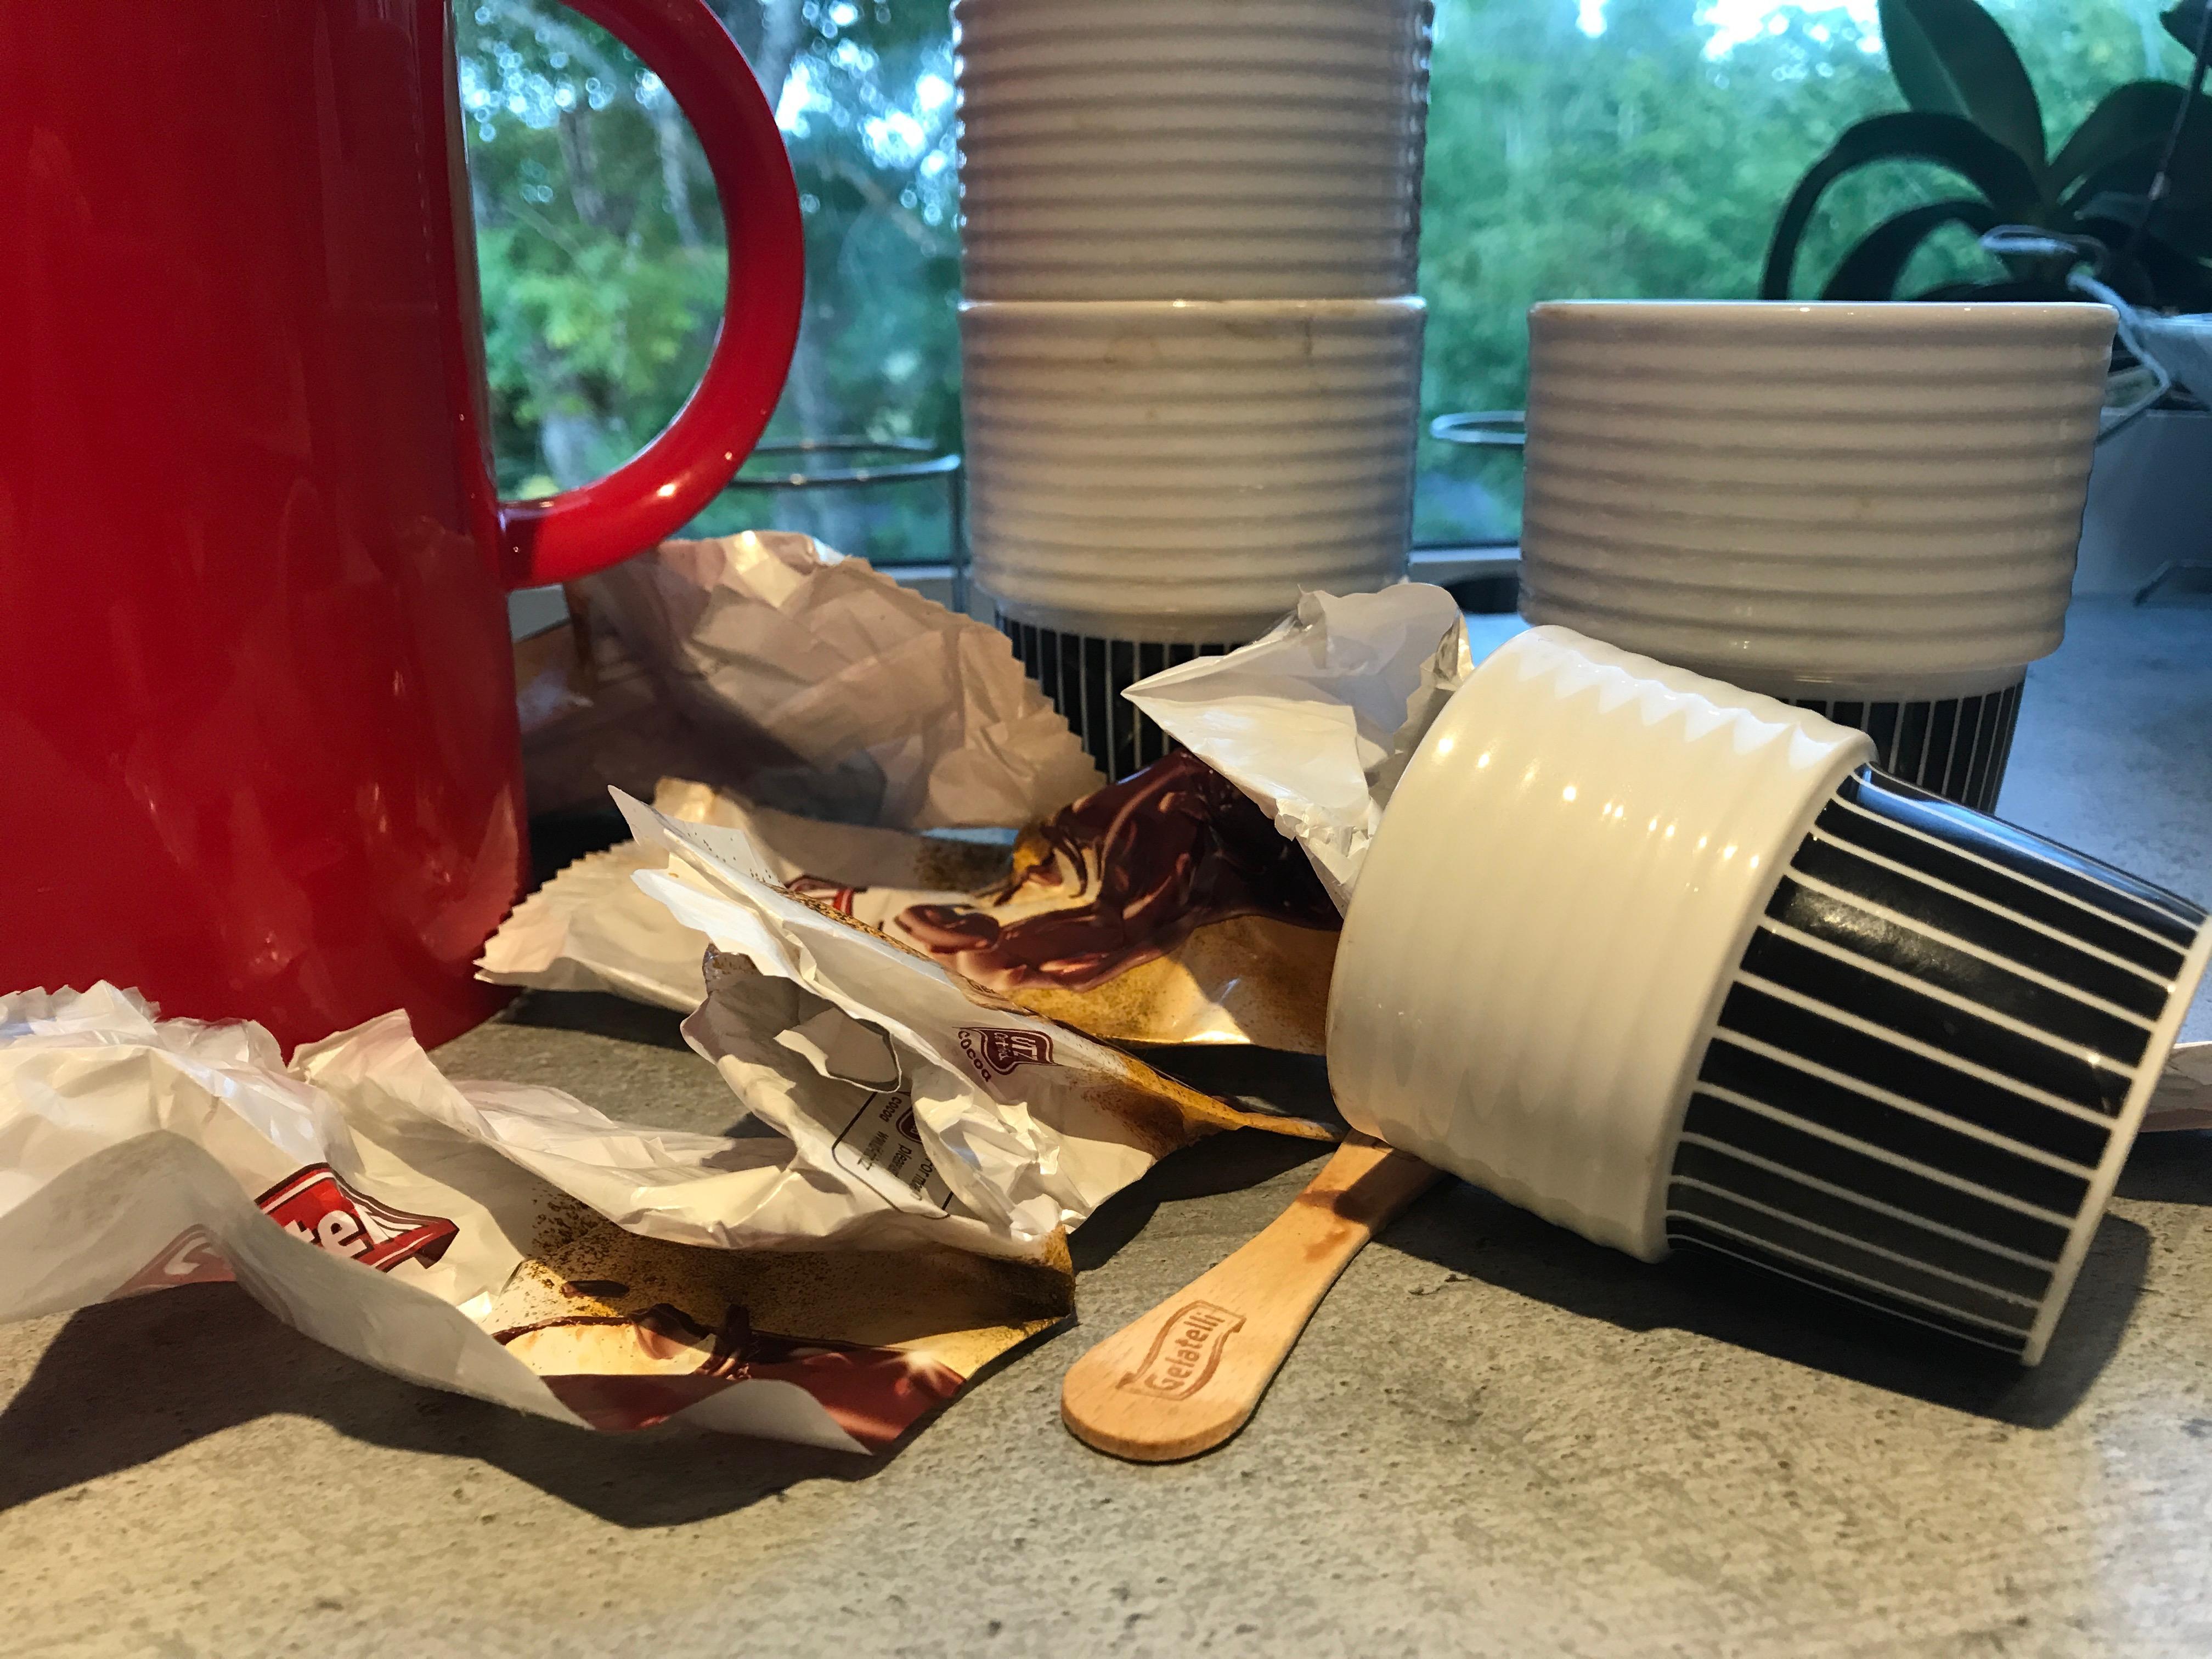 glasspapper, kaffekanna och muggar